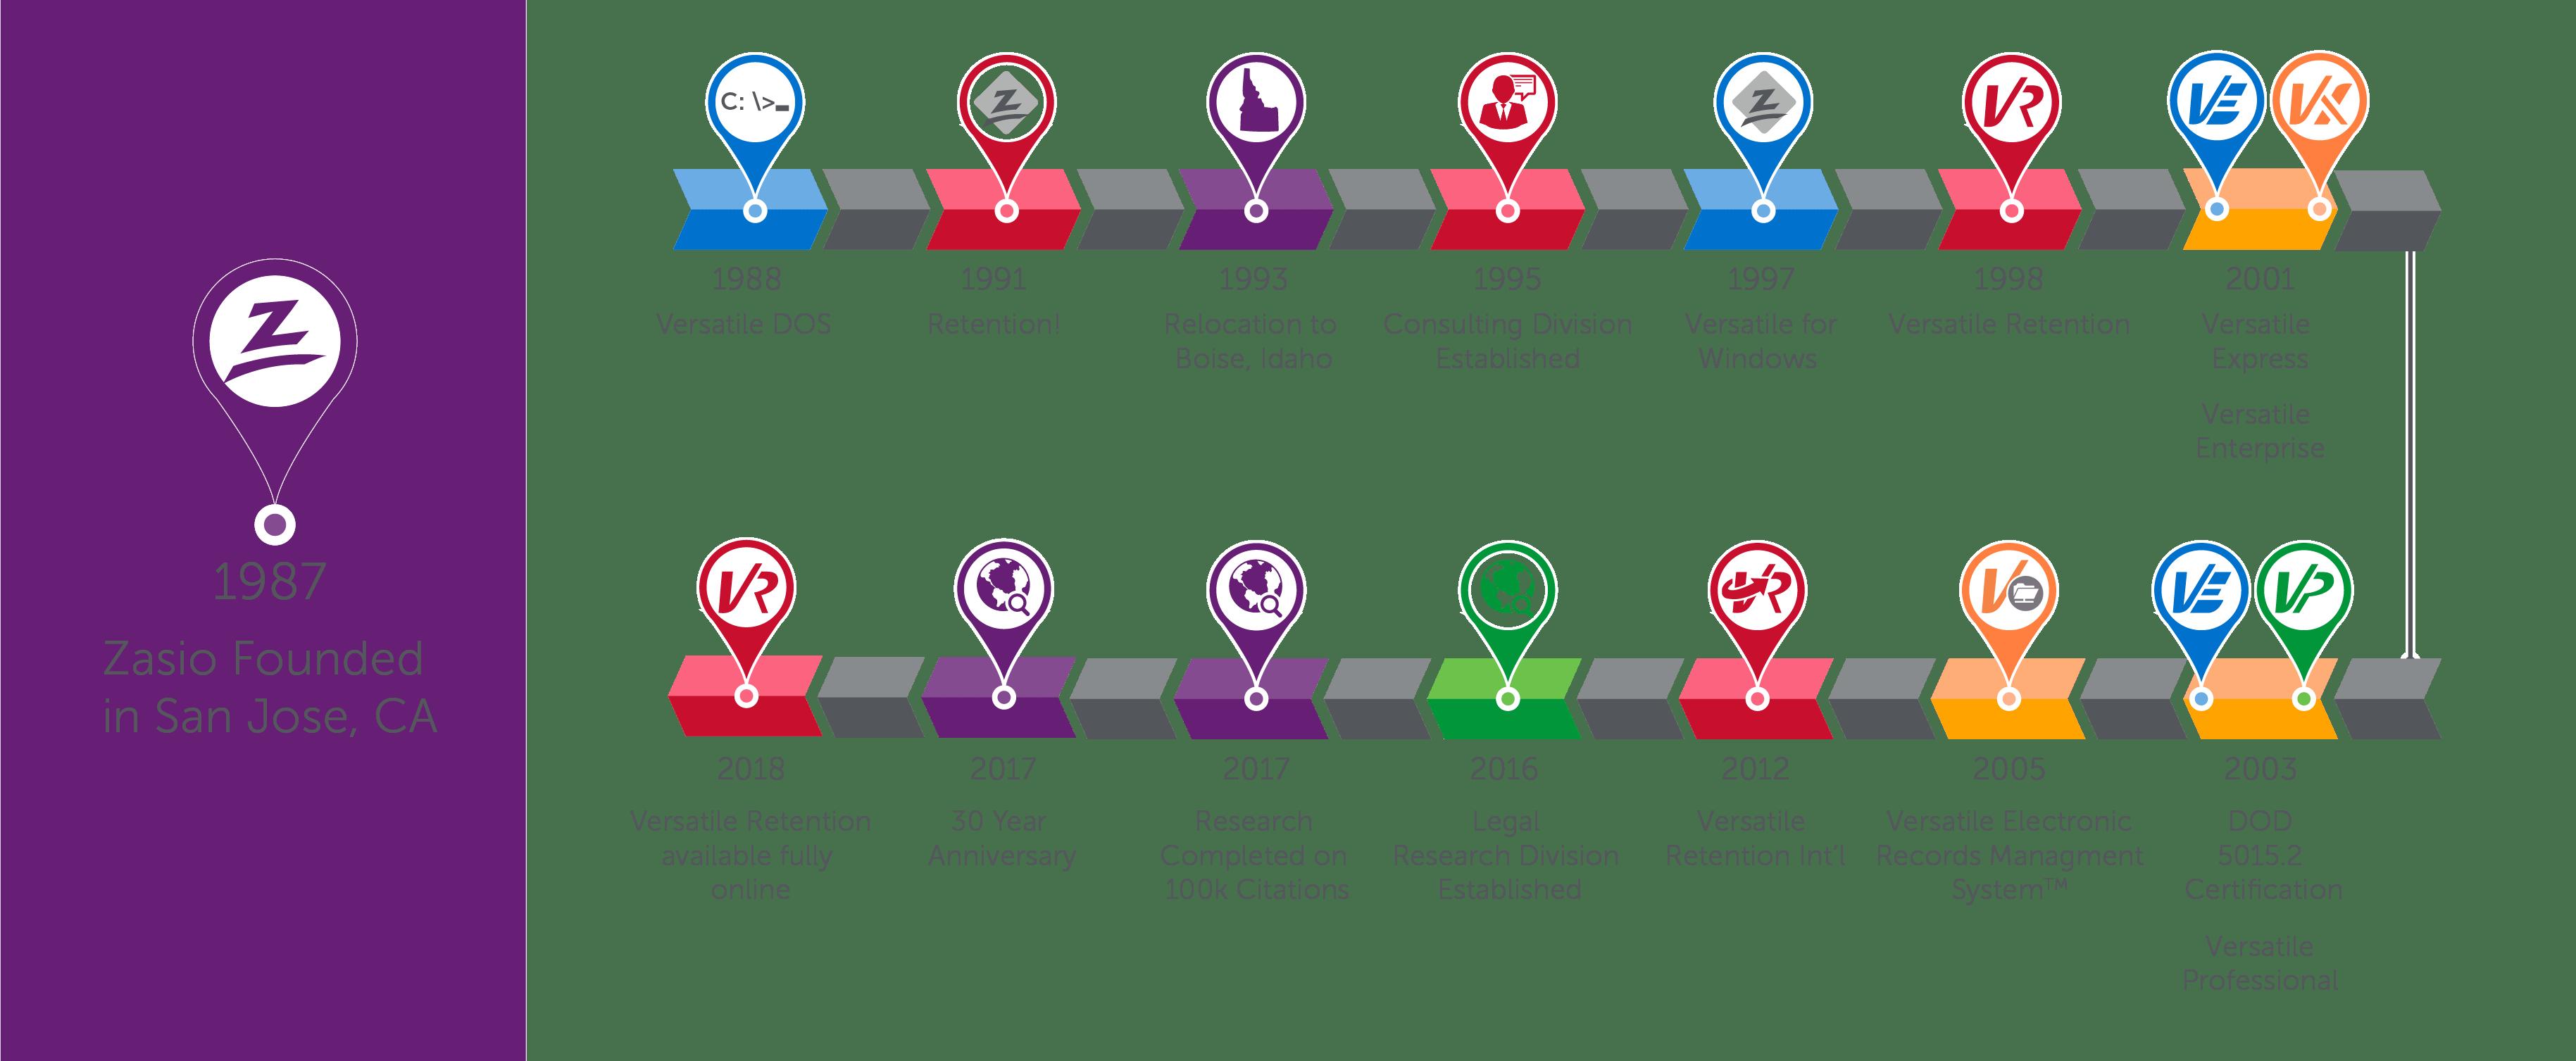 Zasio's business timeline